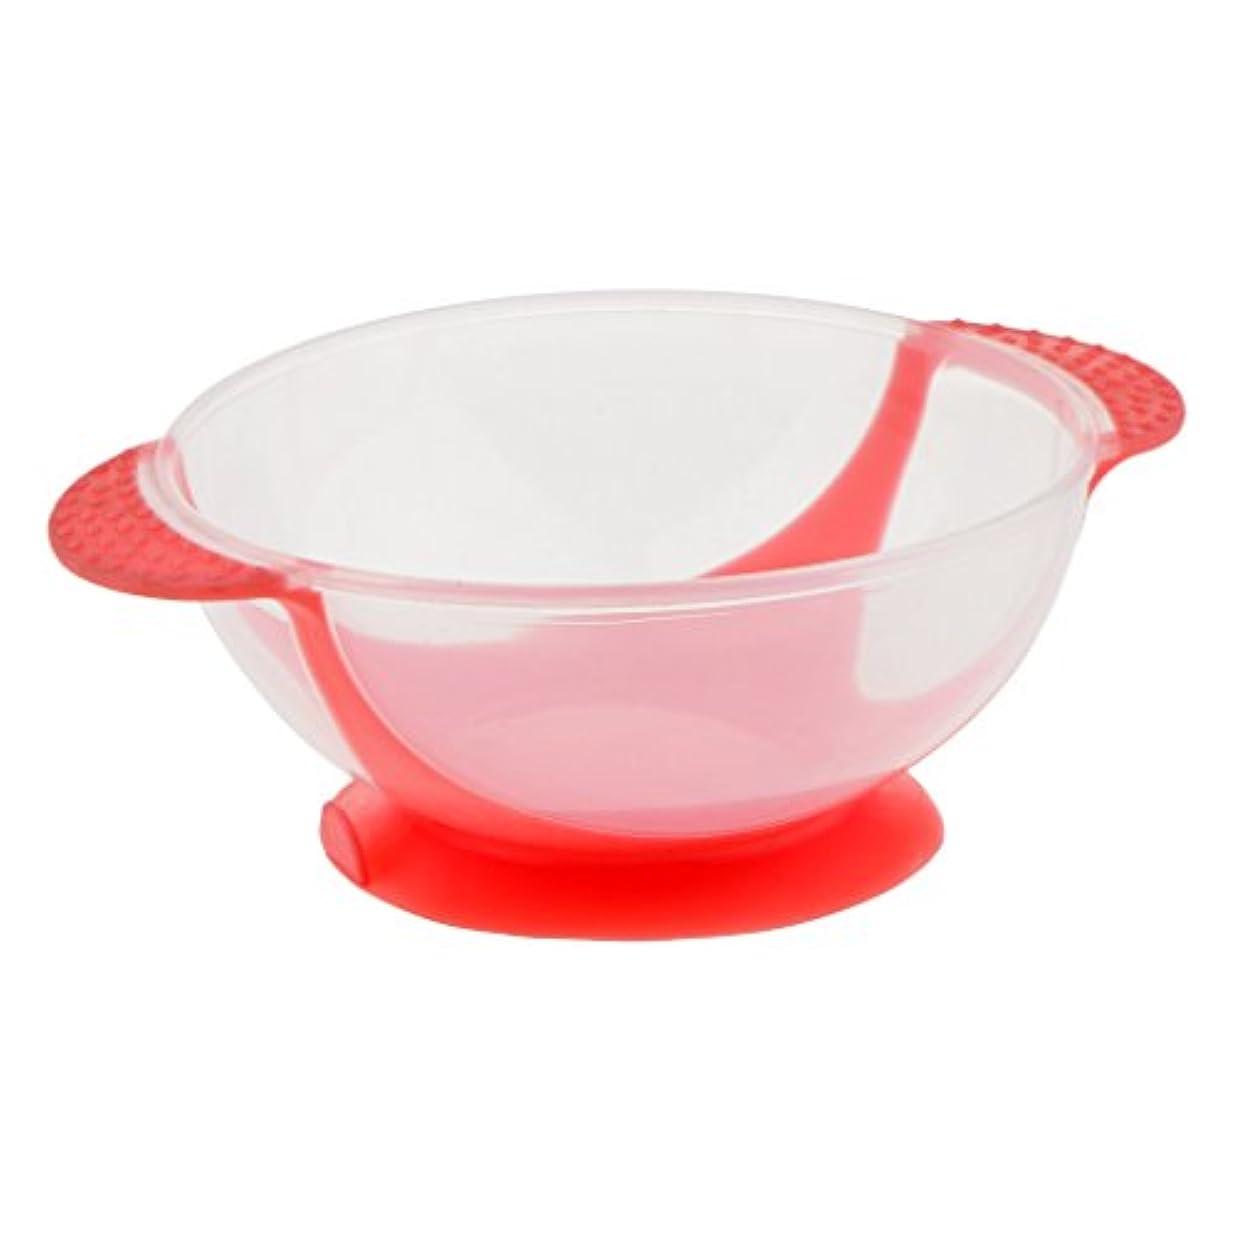 パックアリ溶けるヘアダイボウル ヘアカラー ヘアカラーカップ 髪染め おしゃれ染め プロ 3色選べる - ピンク